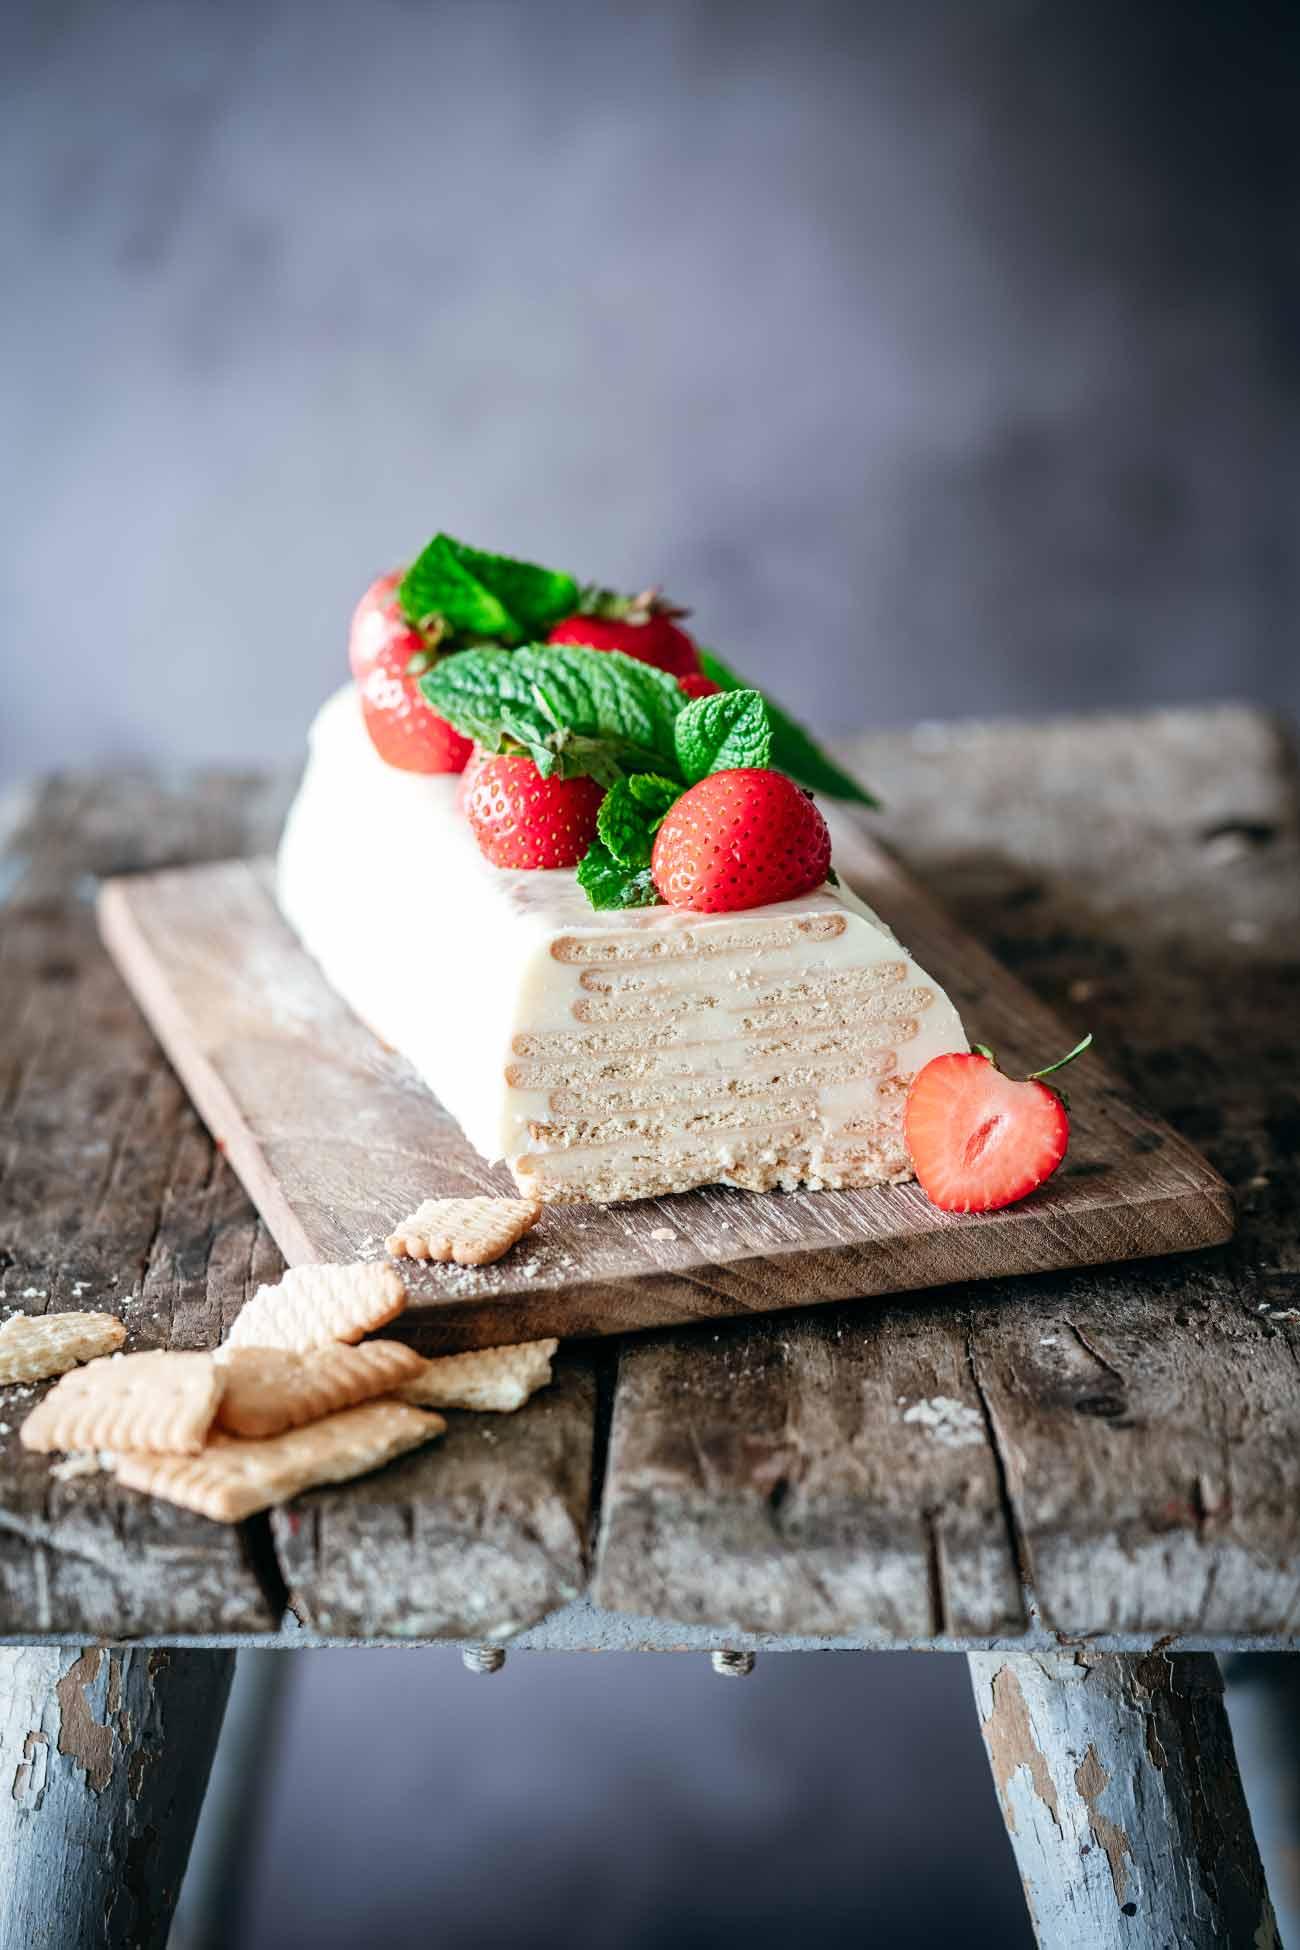 WUFF! Eigentlich finde ich den Namen des Kuchens total dämlich, auch wenn ich bei Wikipedia nachgeschaut habe, woher dieser Kuchen den Namen erhalten hat. So von früher und so. Egal. Kalter Hund gibt es jetzt auch in weiß und mit einem Schuss Rum.